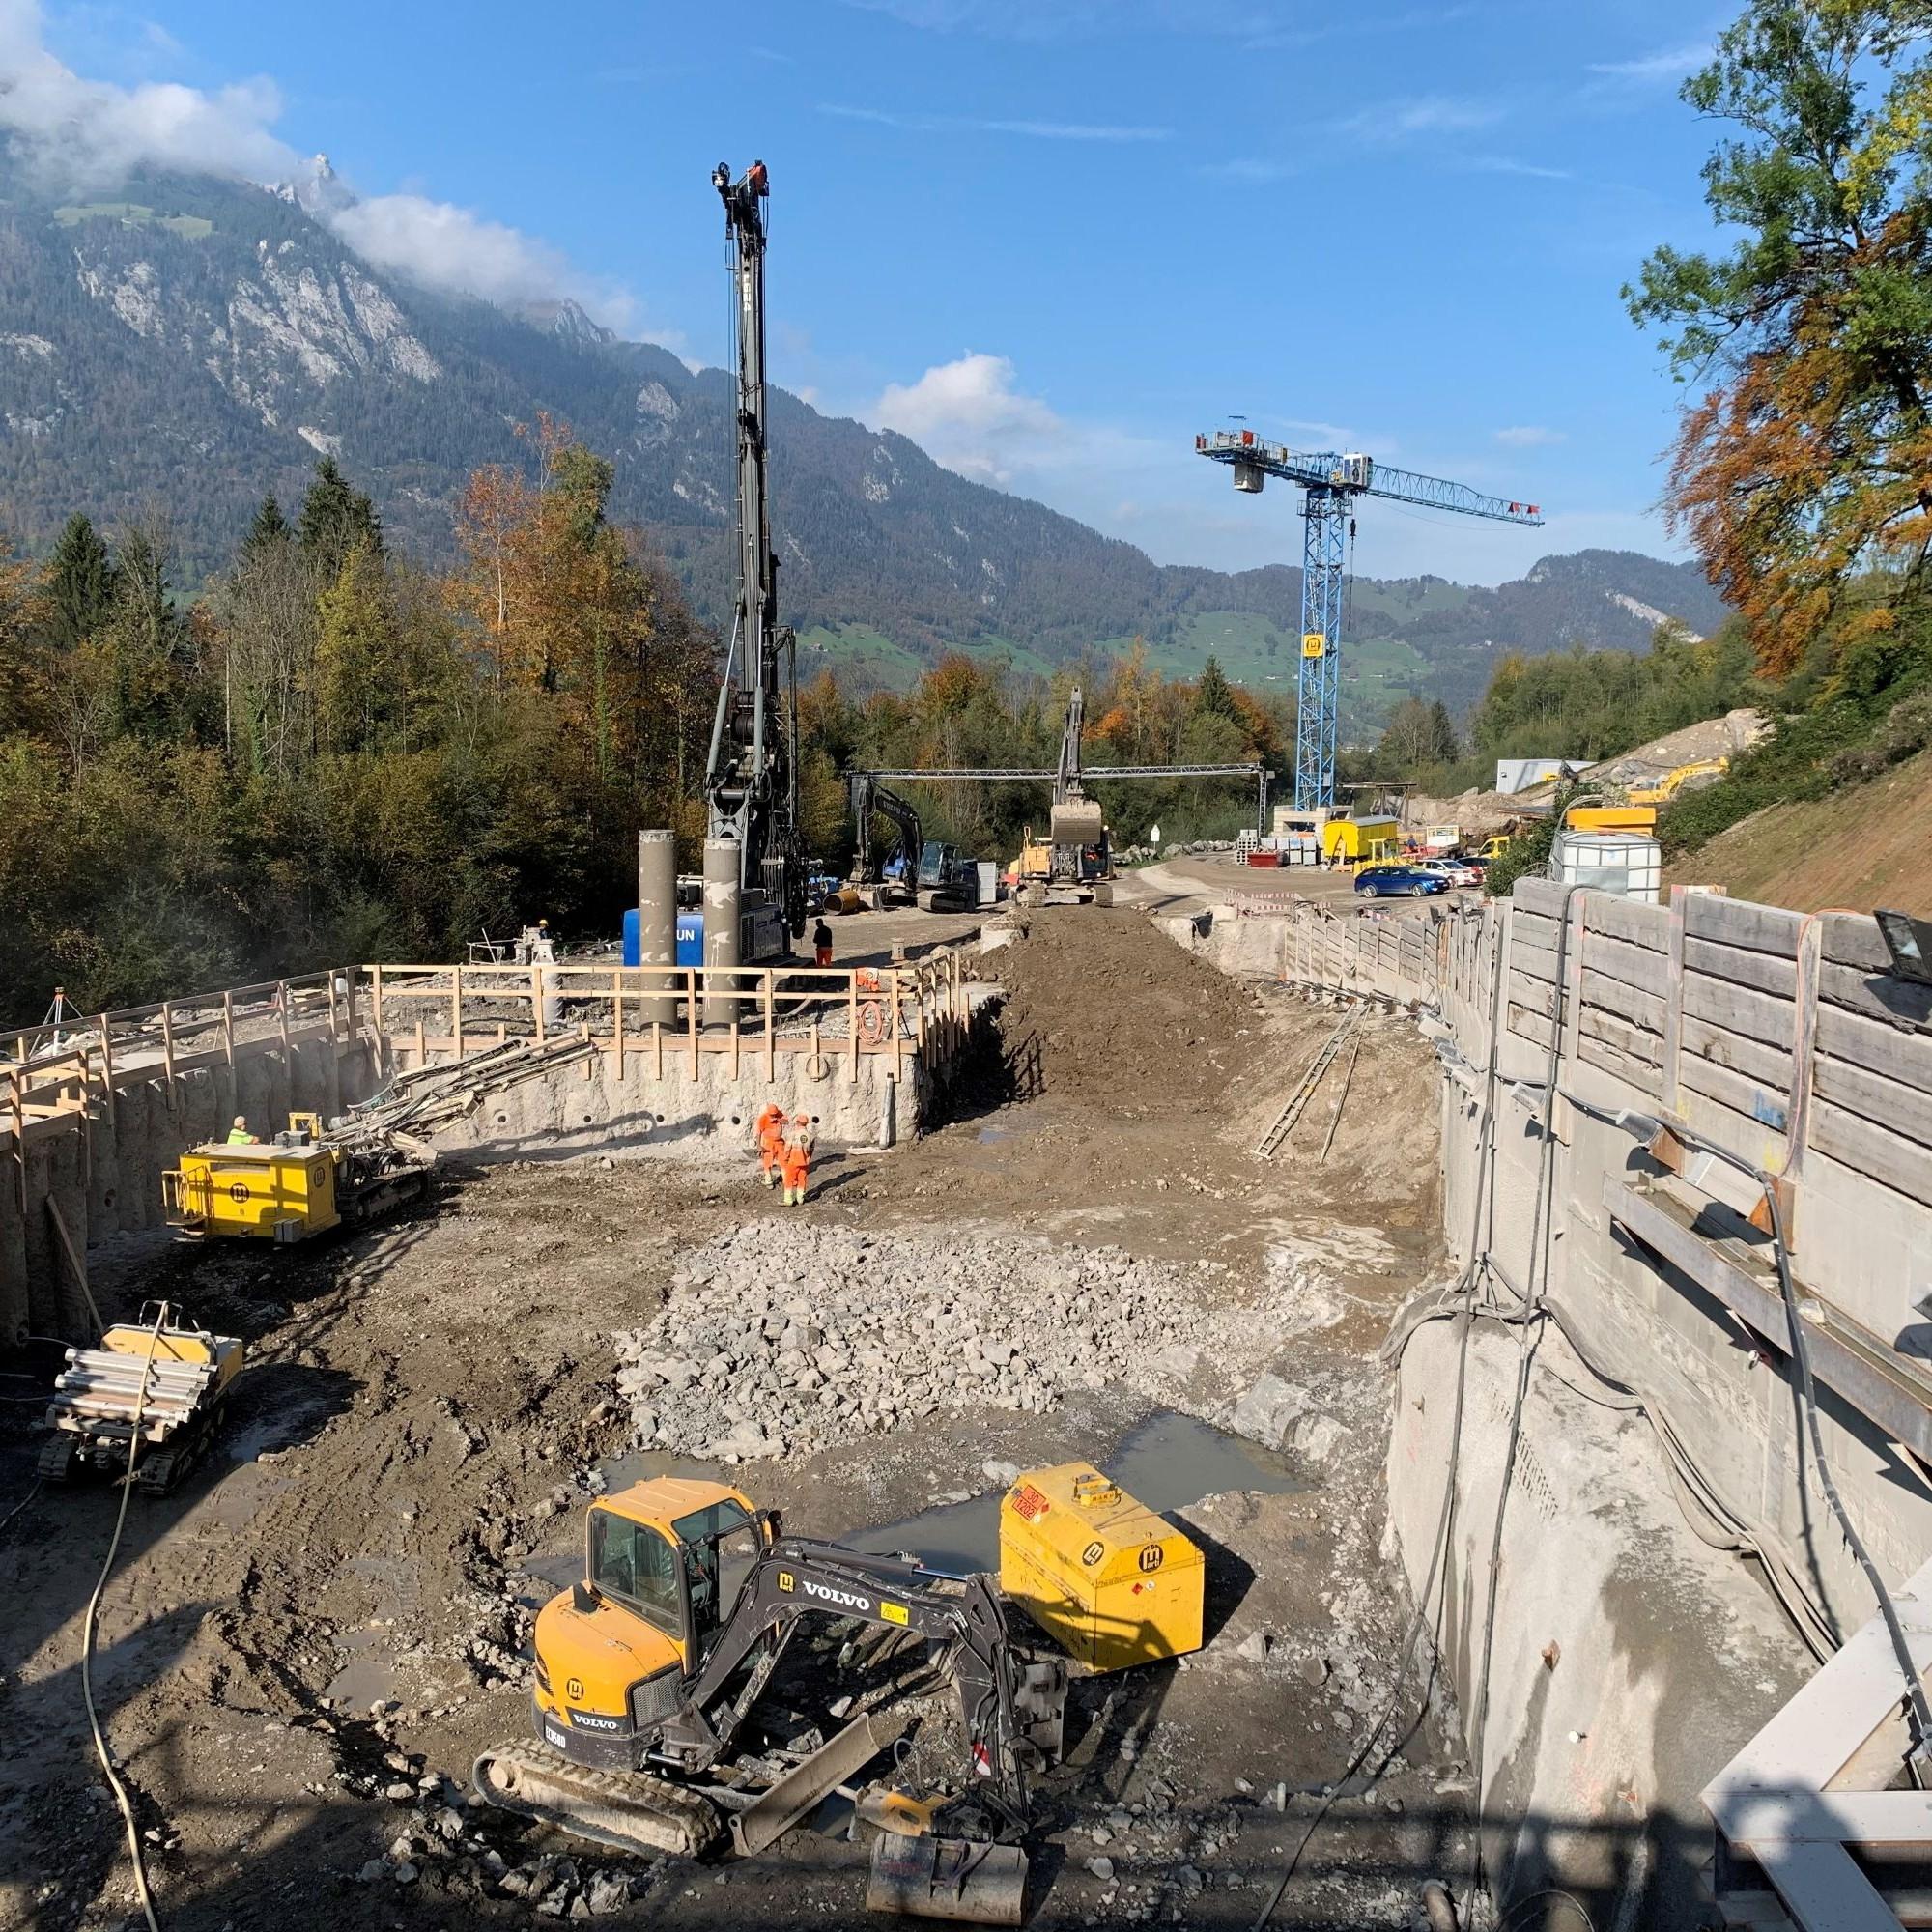 Die Baustelle für das Auslaufbauwerk des Hochwasserentlastungsstollens in Alpnach mit der Startgrube für die Tunnelbohrmaschine.